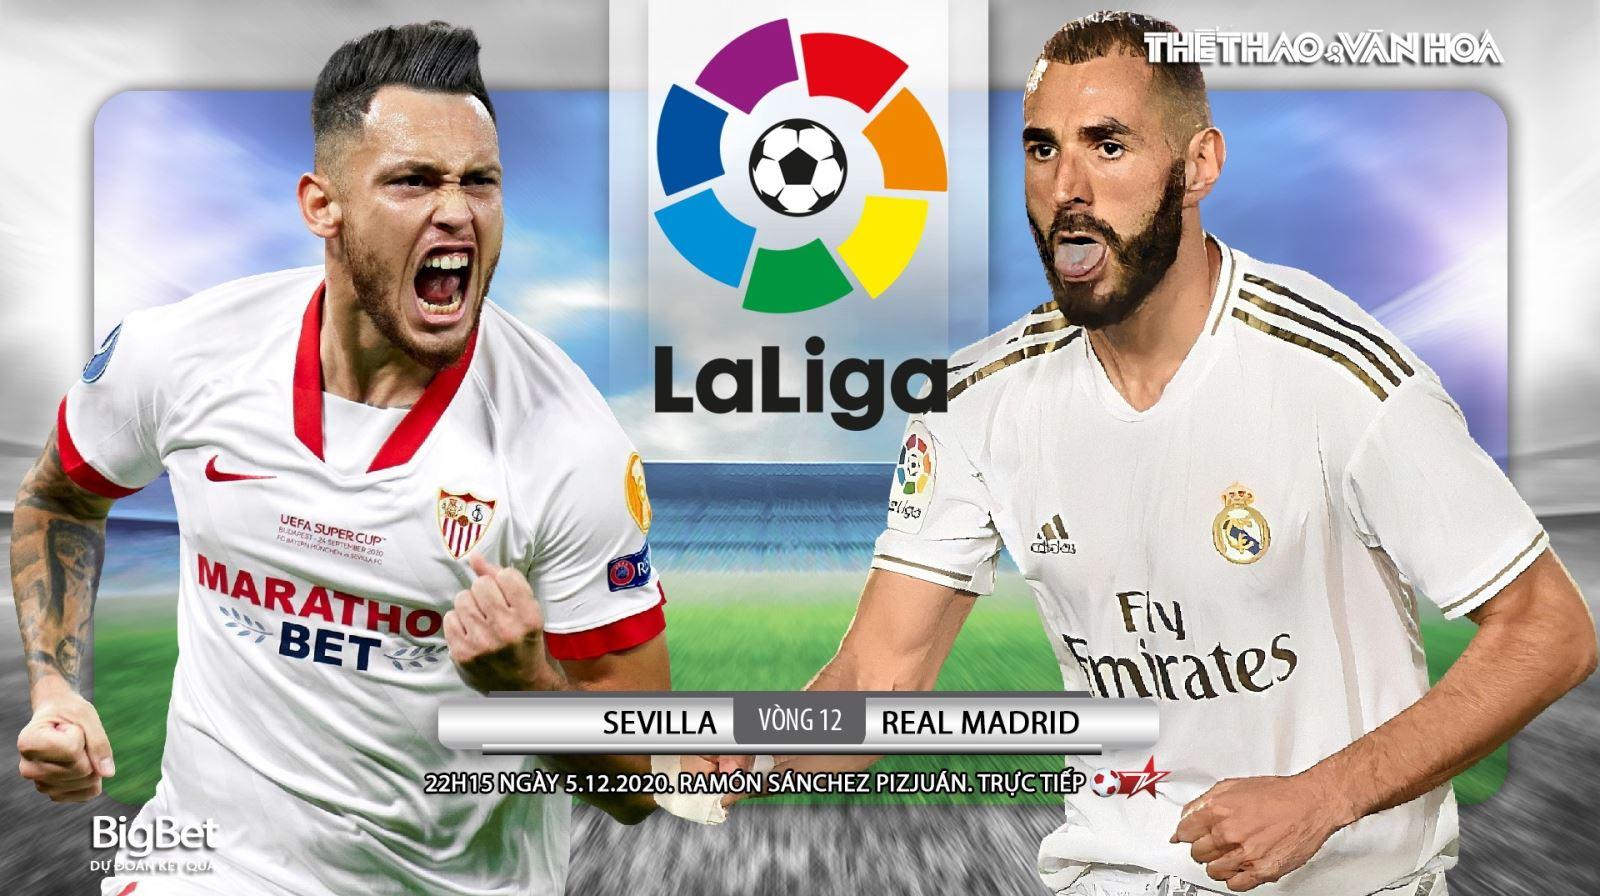 Truc tiep bong da. Sevilla vs Real Madrid. BĐTV trực tiếp Vòng 12 La Liga. Real